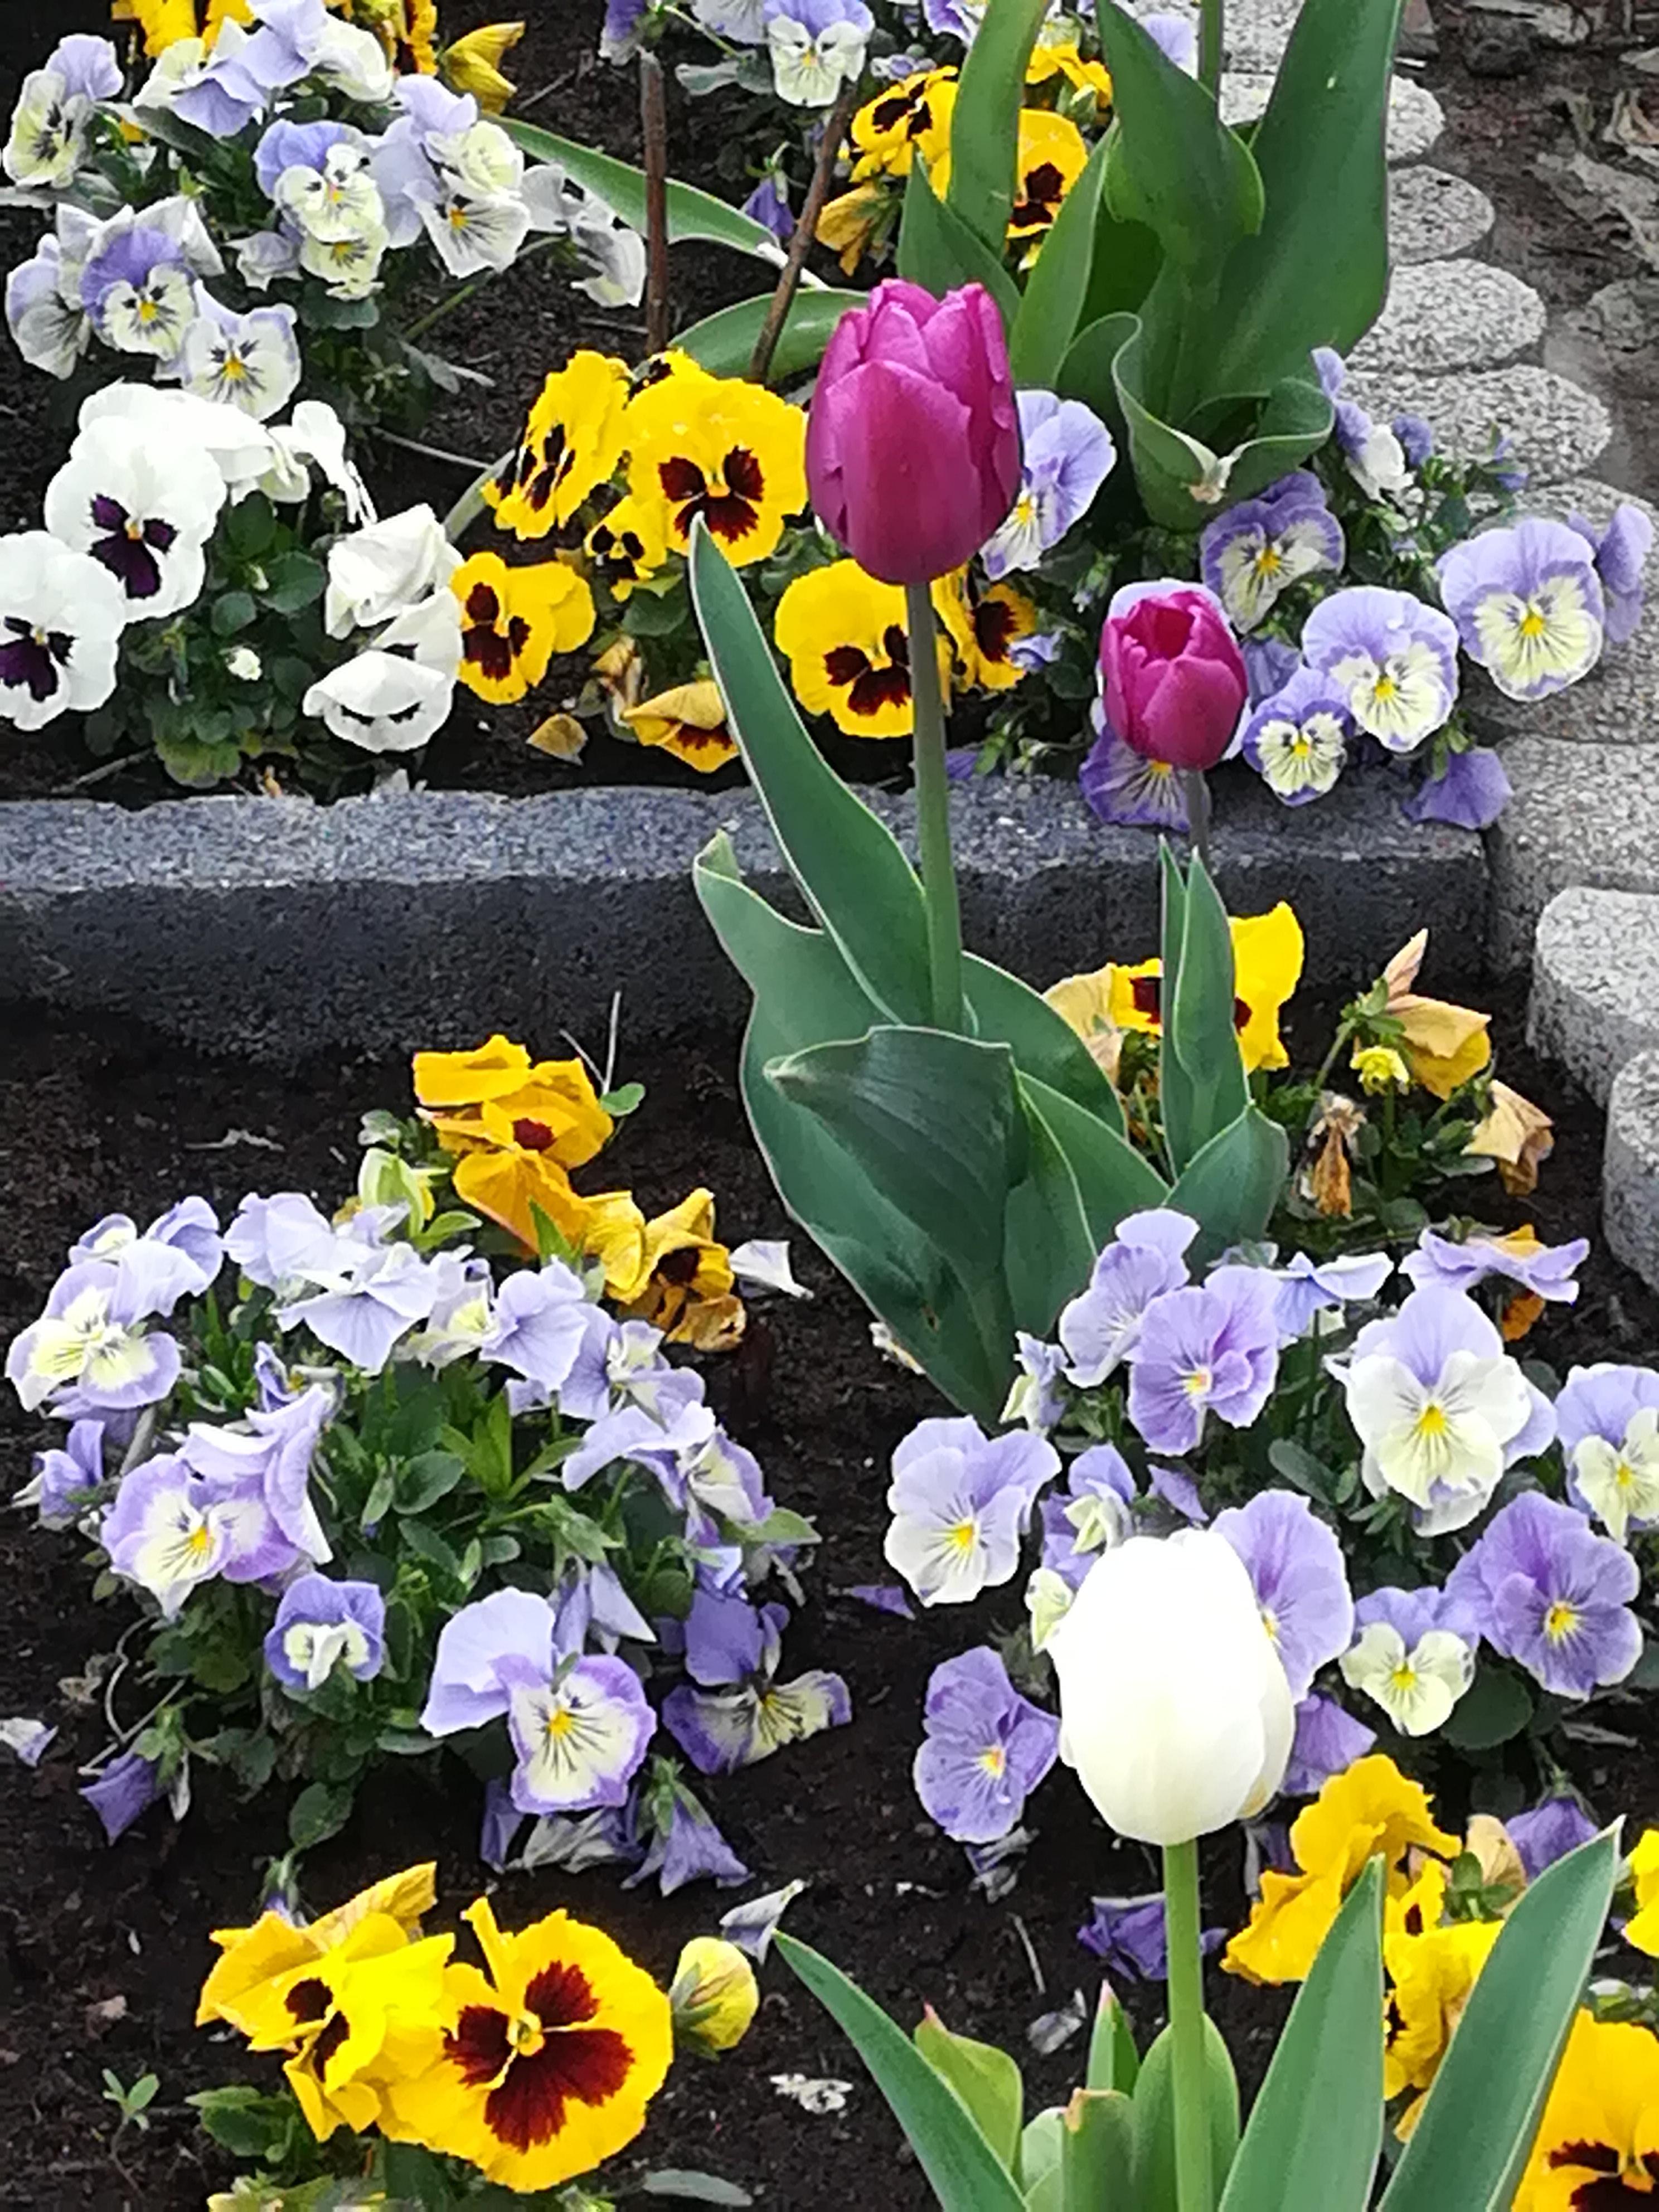 Piękne niebo, zieleń i kolorowe kwiaty - majówka w ogrodzie  - Zdjęcie główne